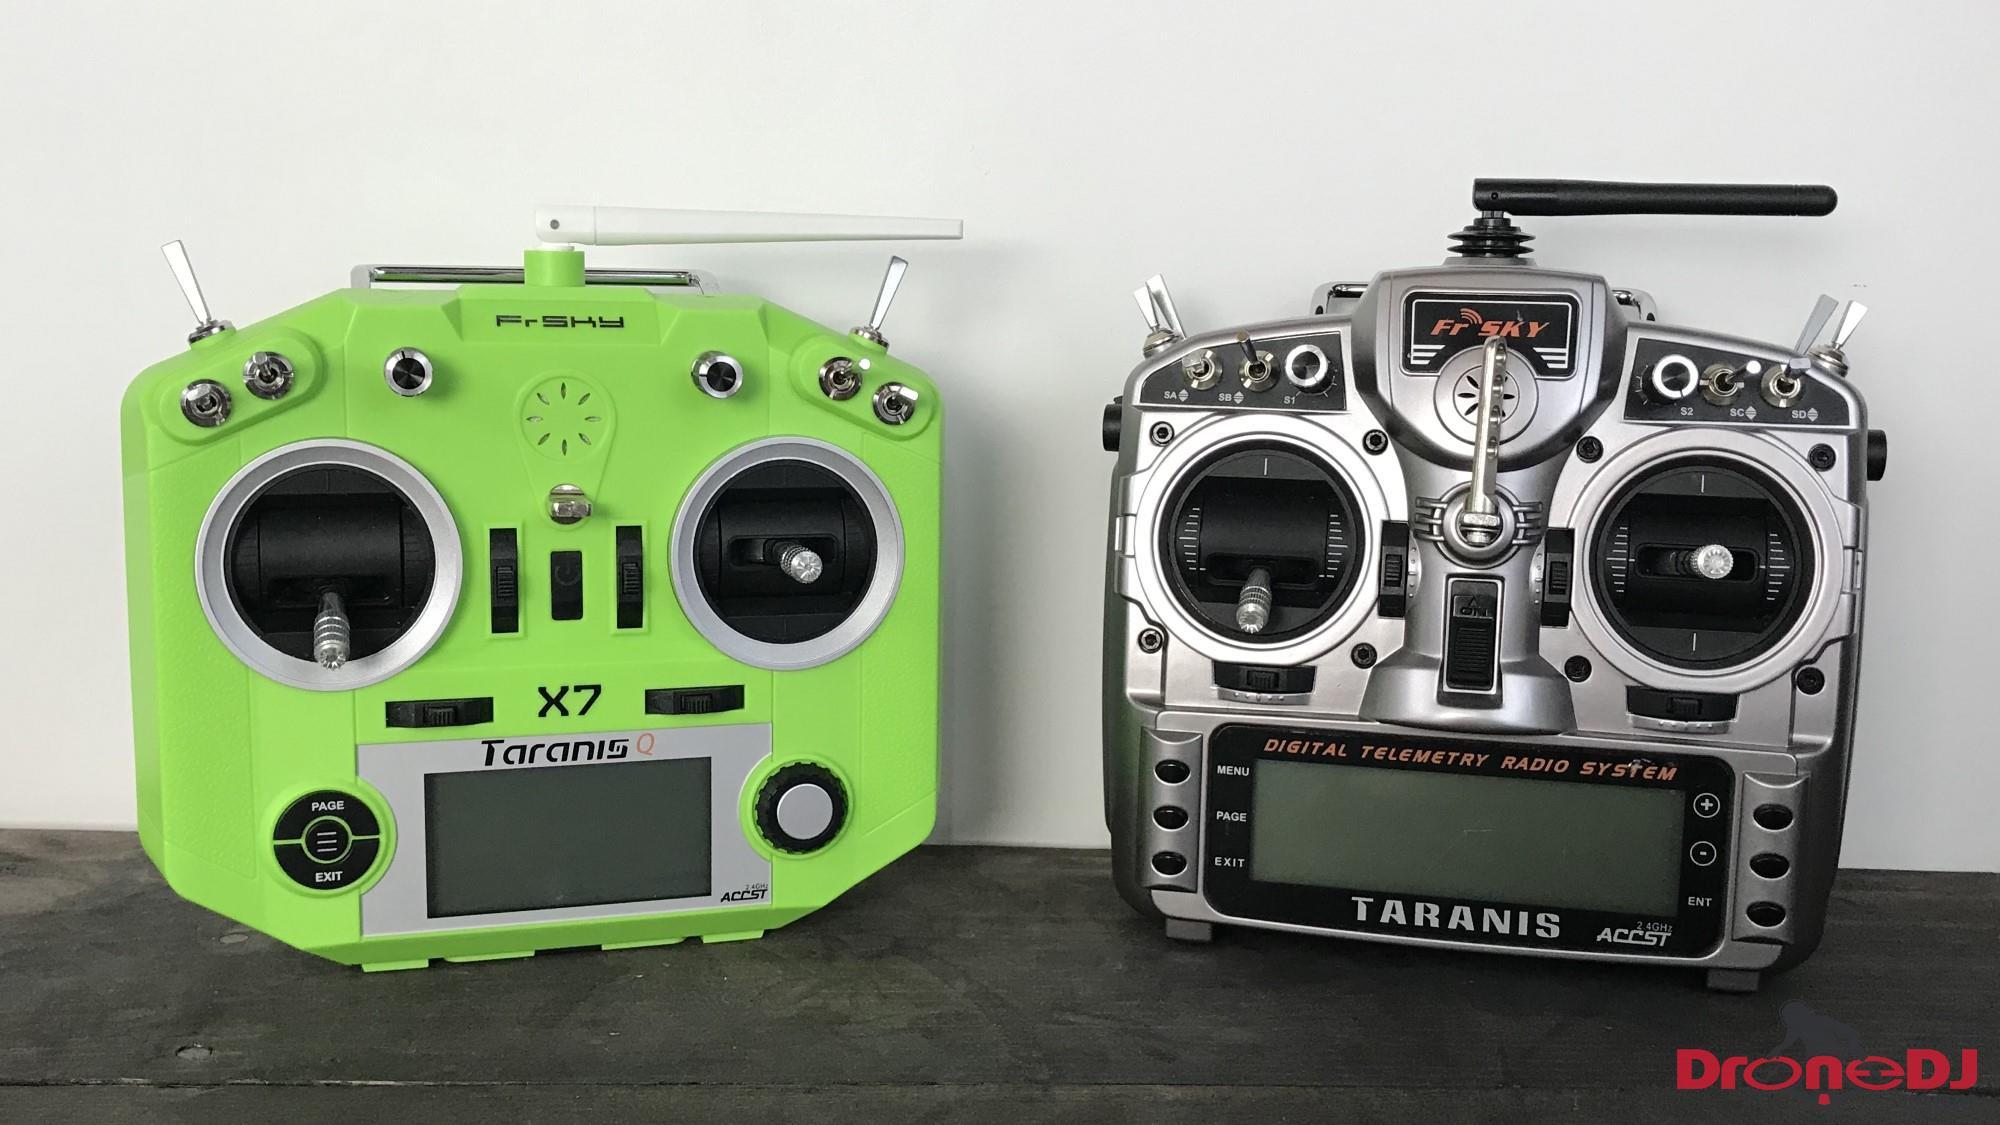 taranis qx7 vs x9d